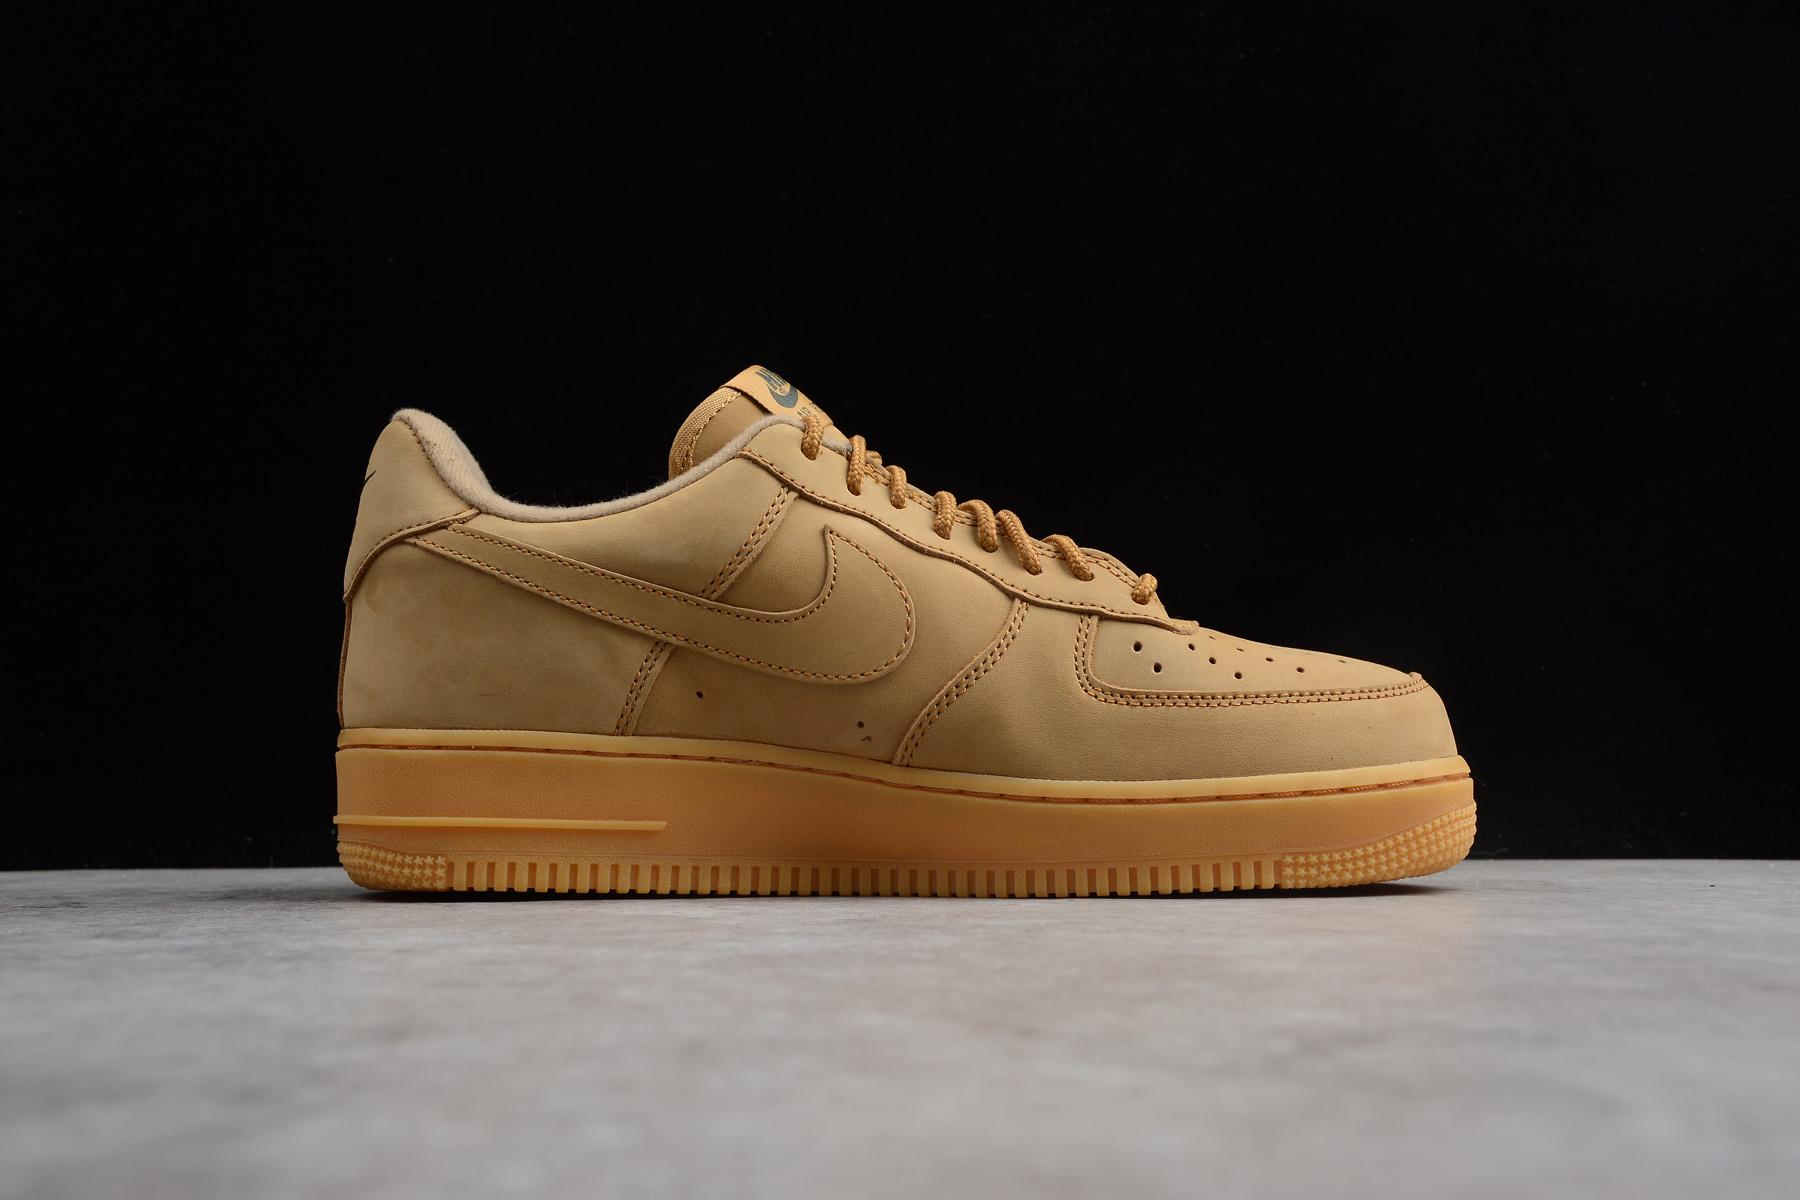 Nike Air Force 1 07 WB Flax Gum Light